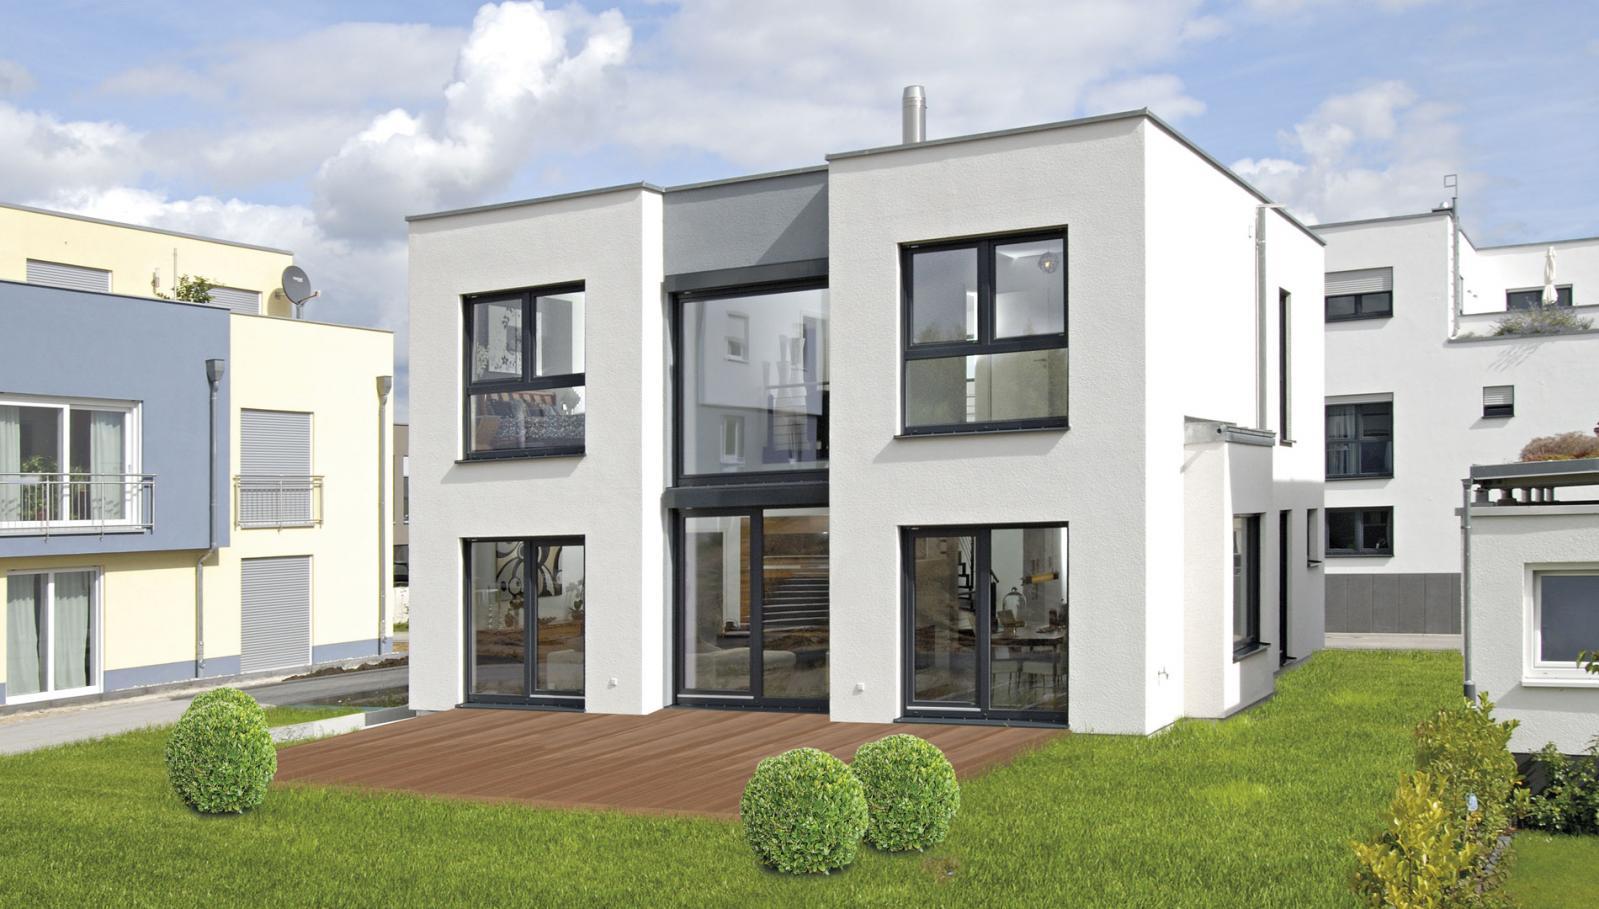 新式 平房 简欧现代小别墅图纸设计, 新中式平房 新农村建设房 空间大图片